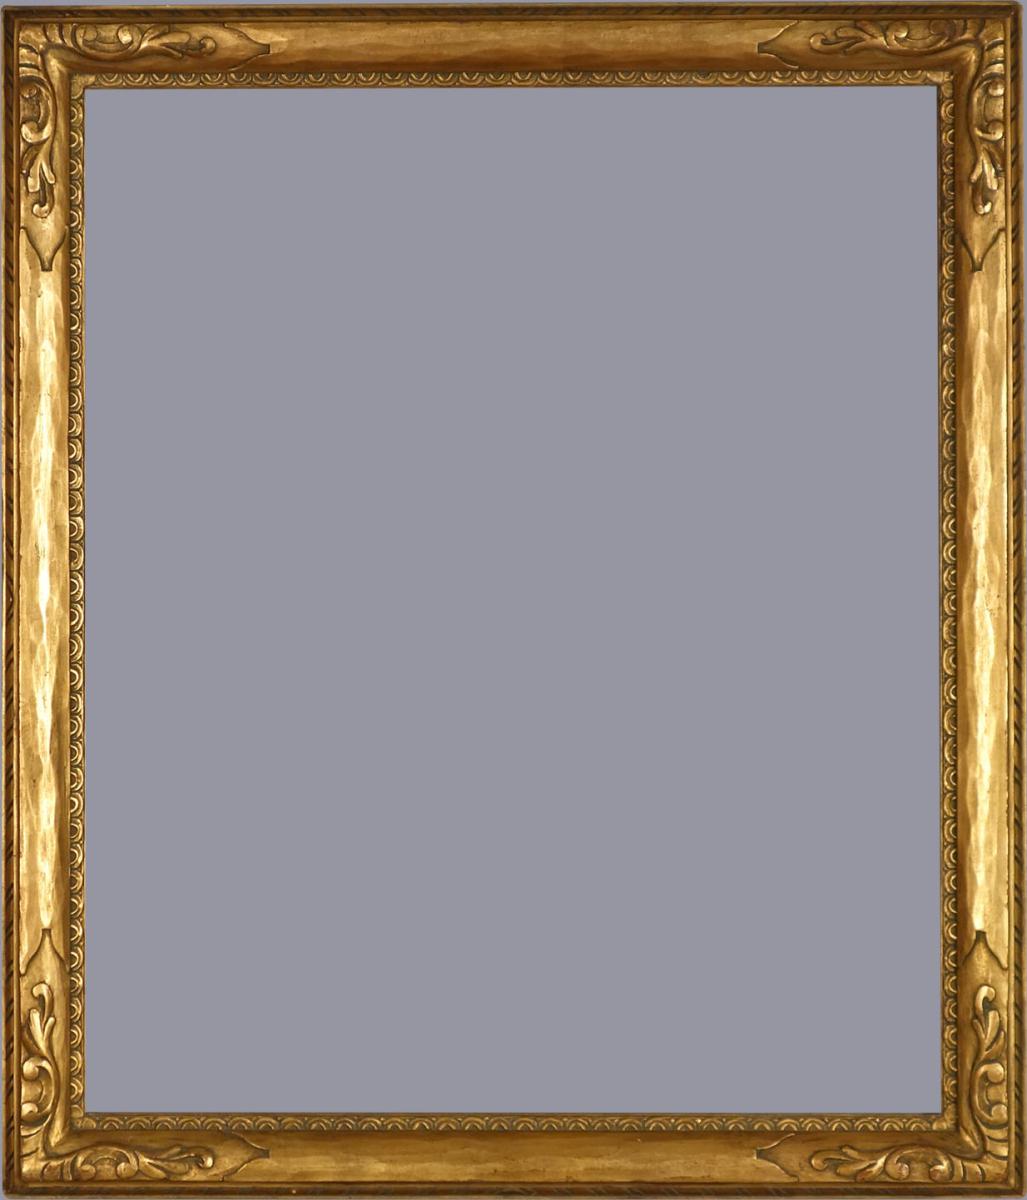 frame 3645